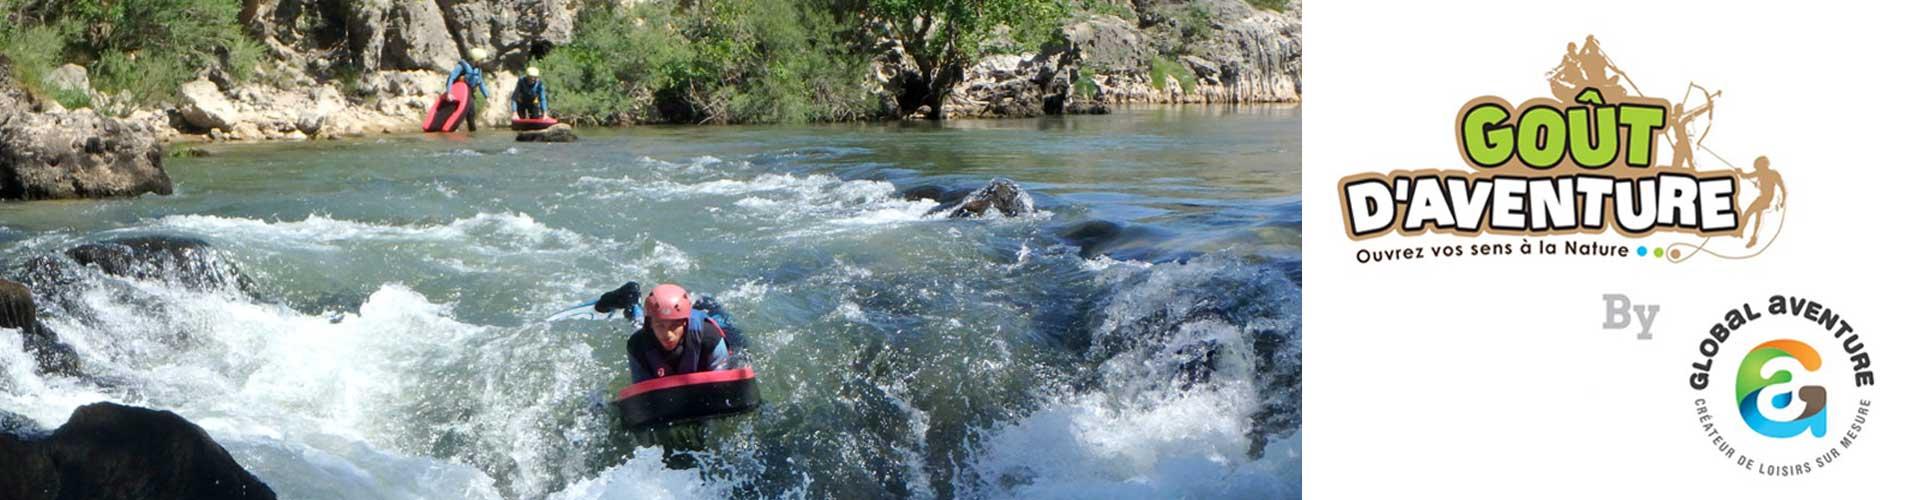 Goût d'aventure, canyoning, hydrospeed, escalade, via ferrata dans les gorges de l'Hérault à Aniane